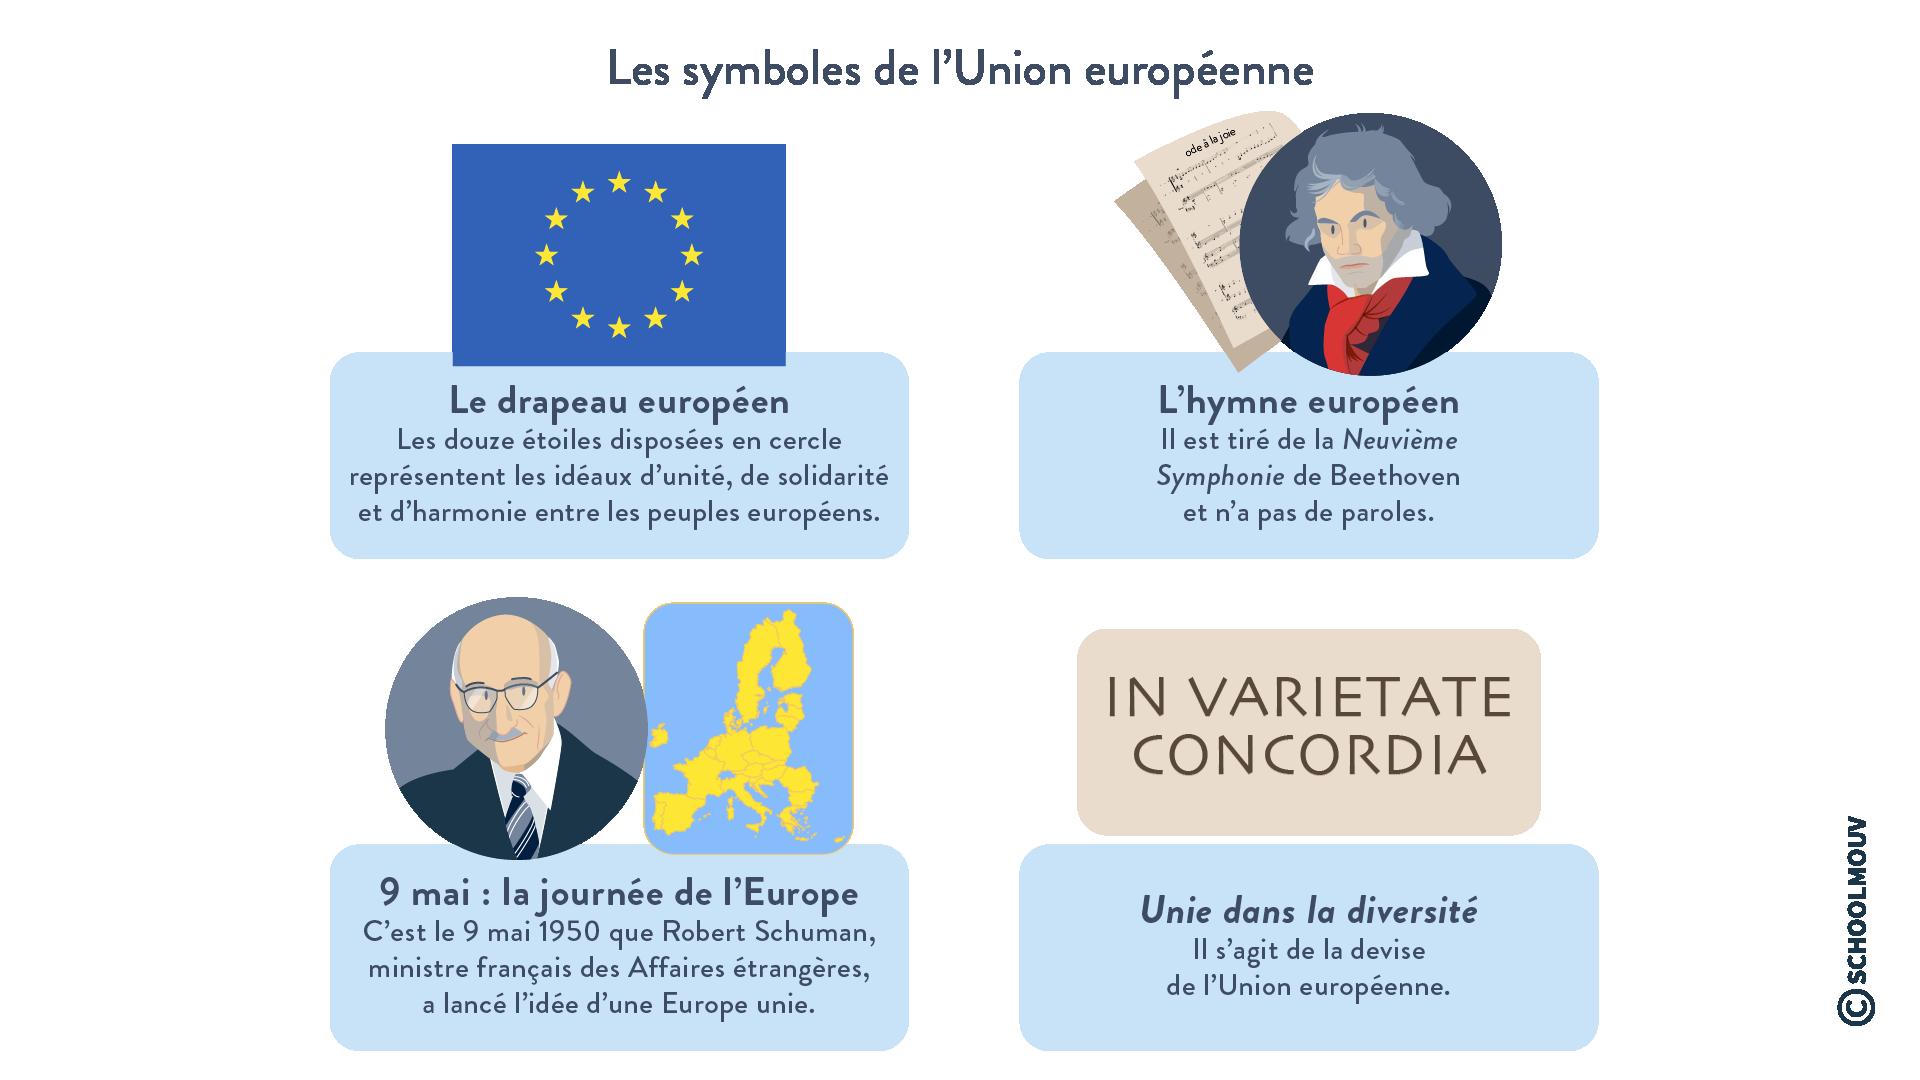 Les symboles européens - Géographie - Terminale - SchoolMouv